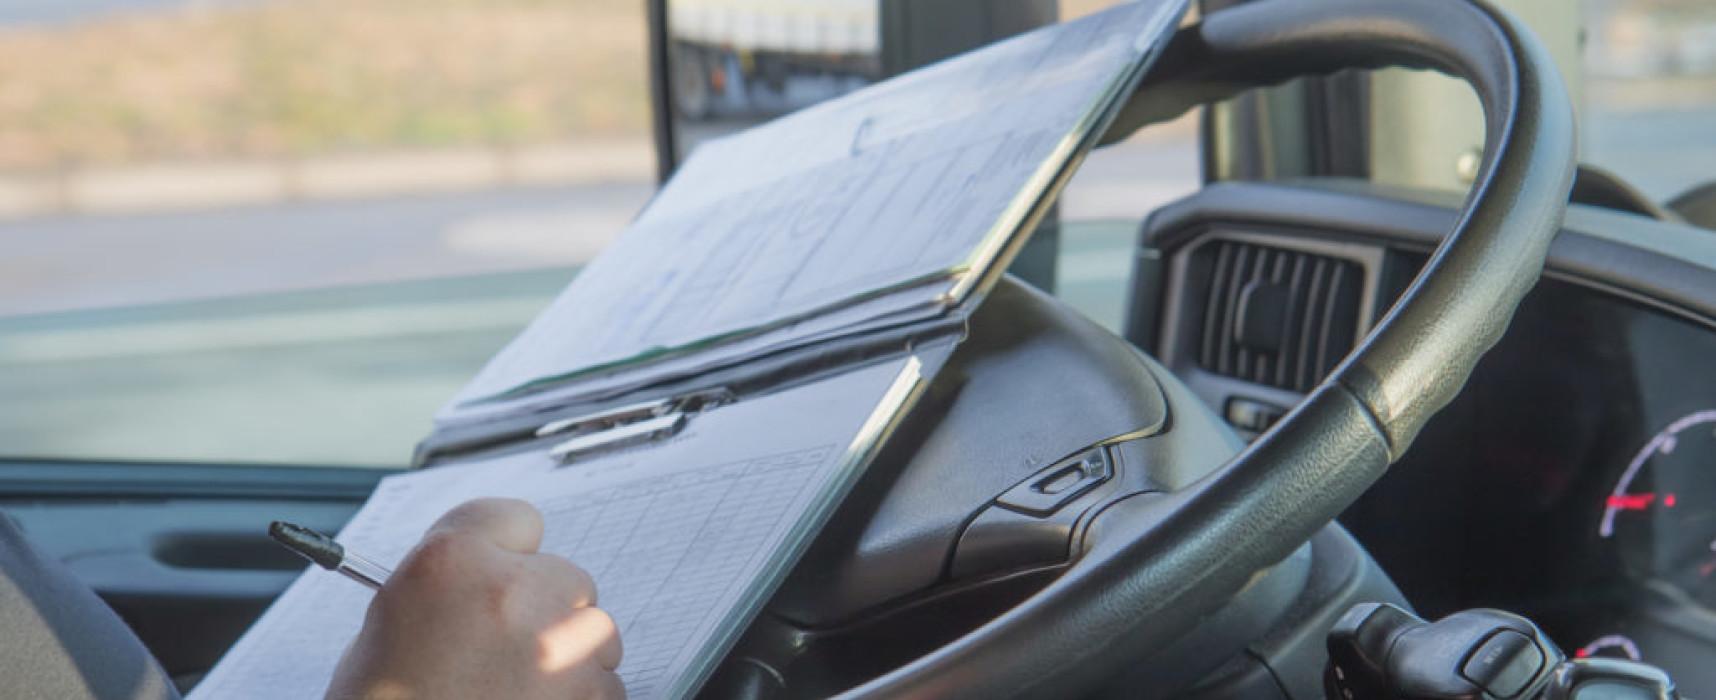 Особенности приема на работу водителя грузового автомобиля и оформления с ним трудовых правоотношений